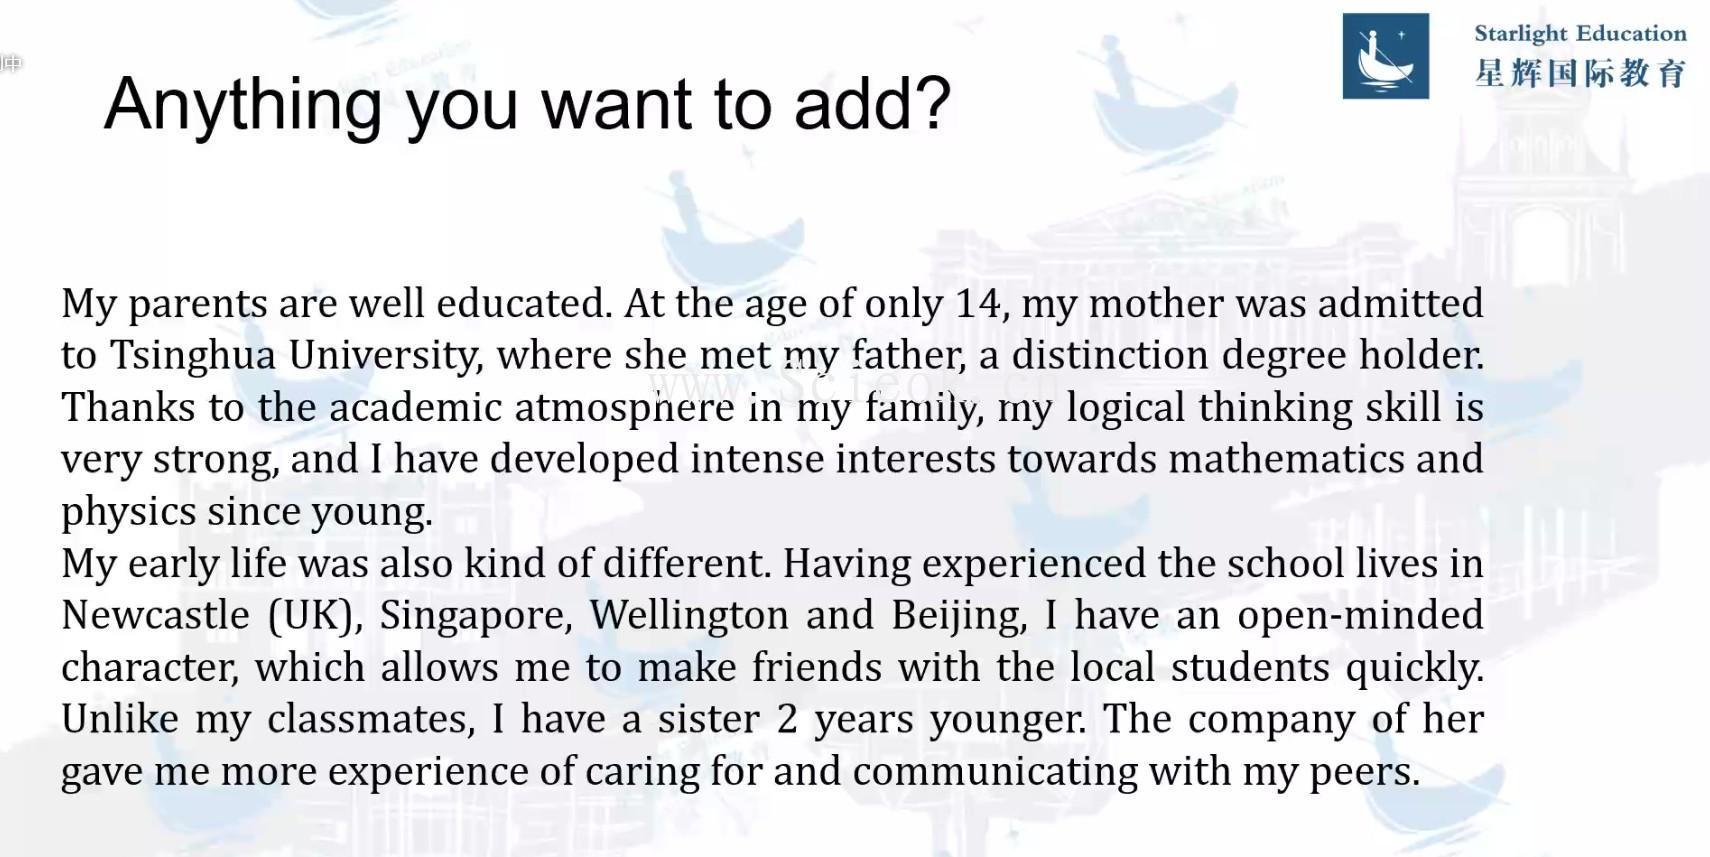 星辉国际教育:如何写出能惊艳牛剑面试官的文书  牛津大学 留学 Vinson 第14张